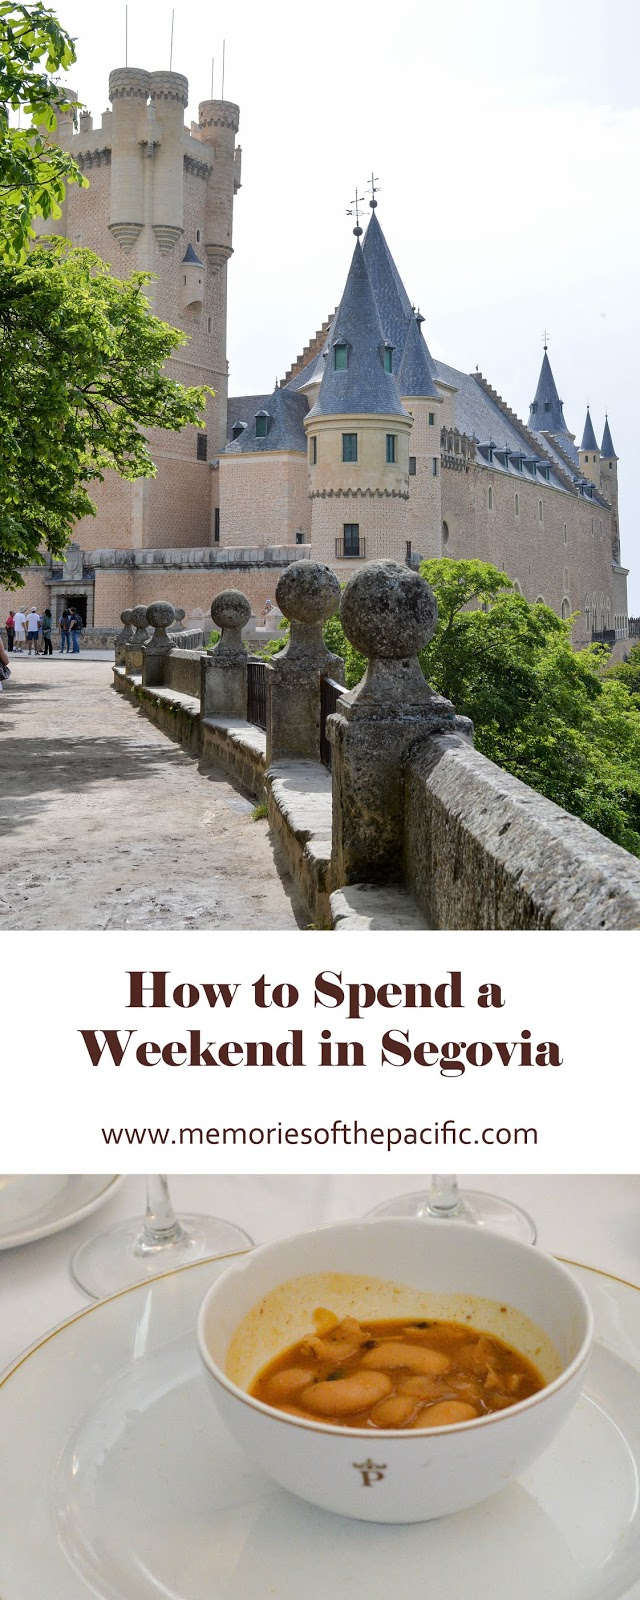 segovia spain travel guide weekend alcazar judiones